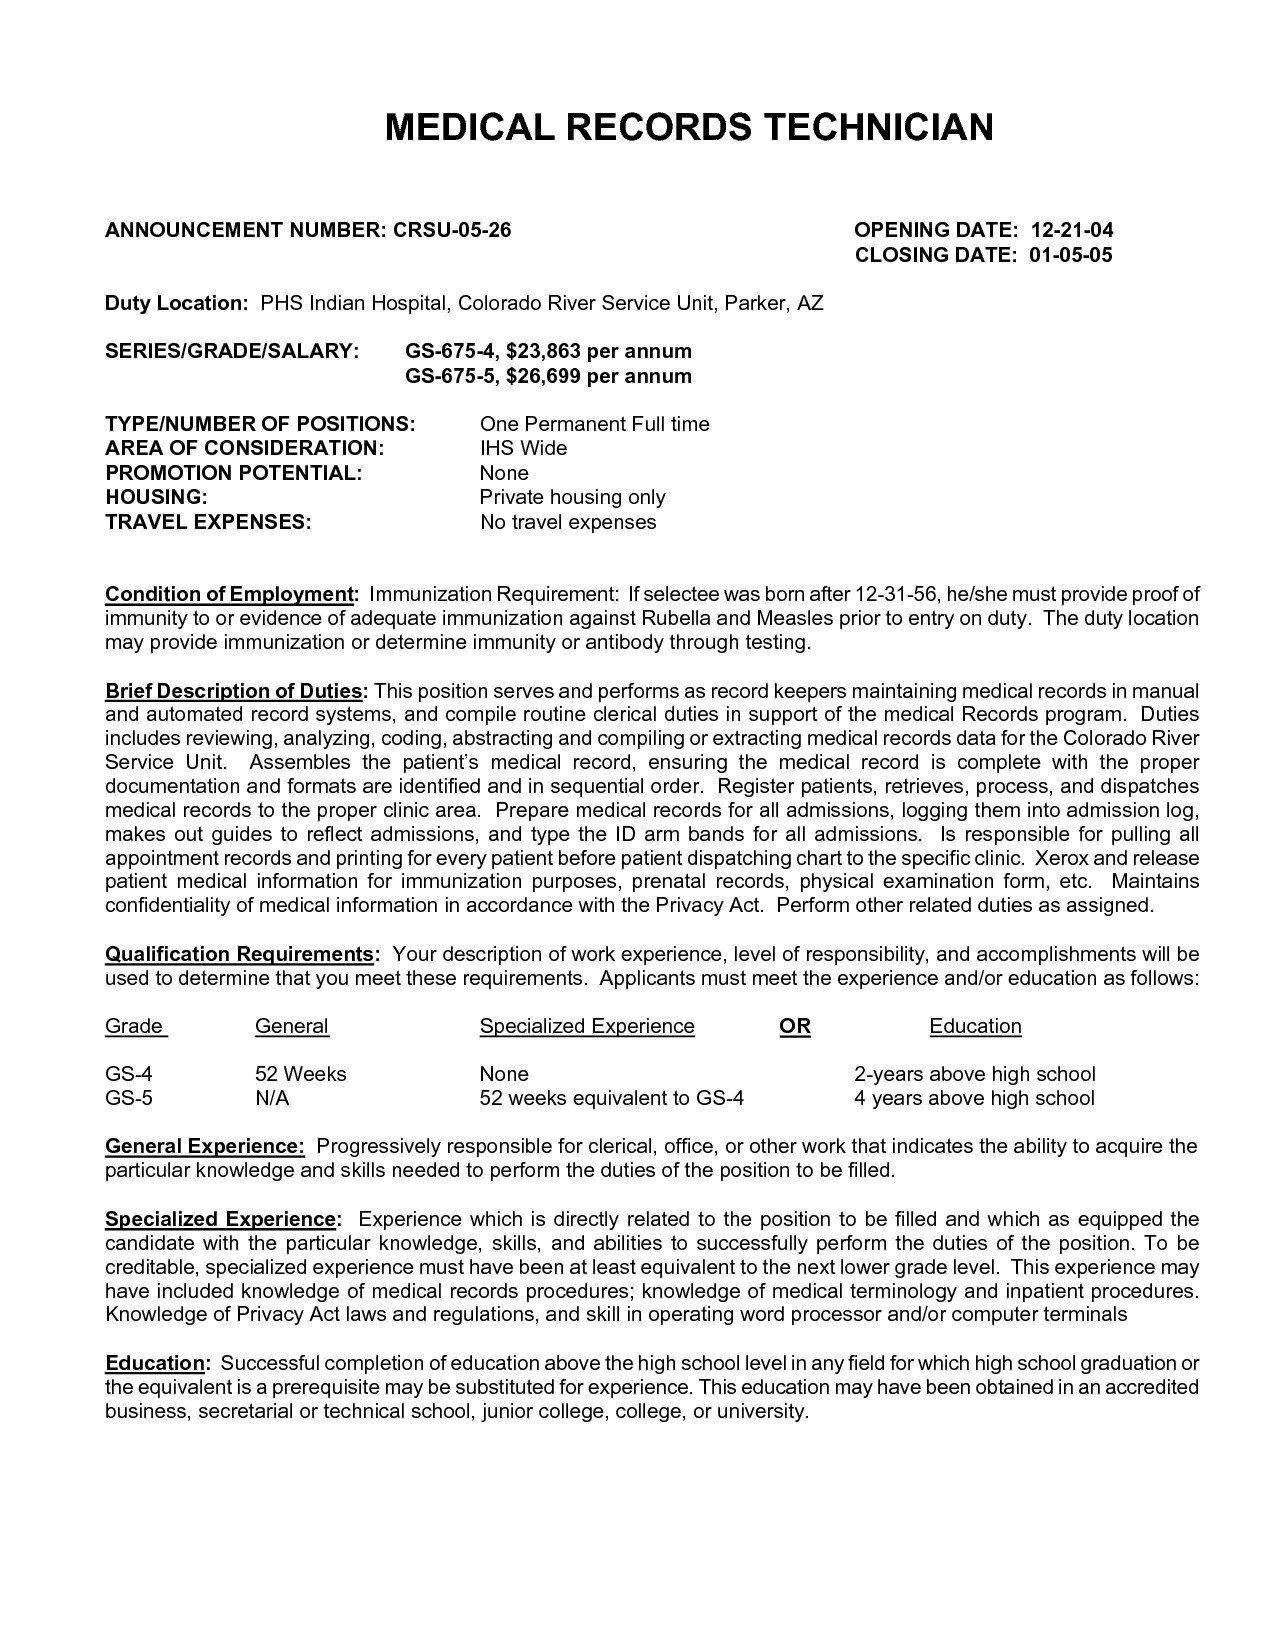 Business owner job description for resume fresh clerk